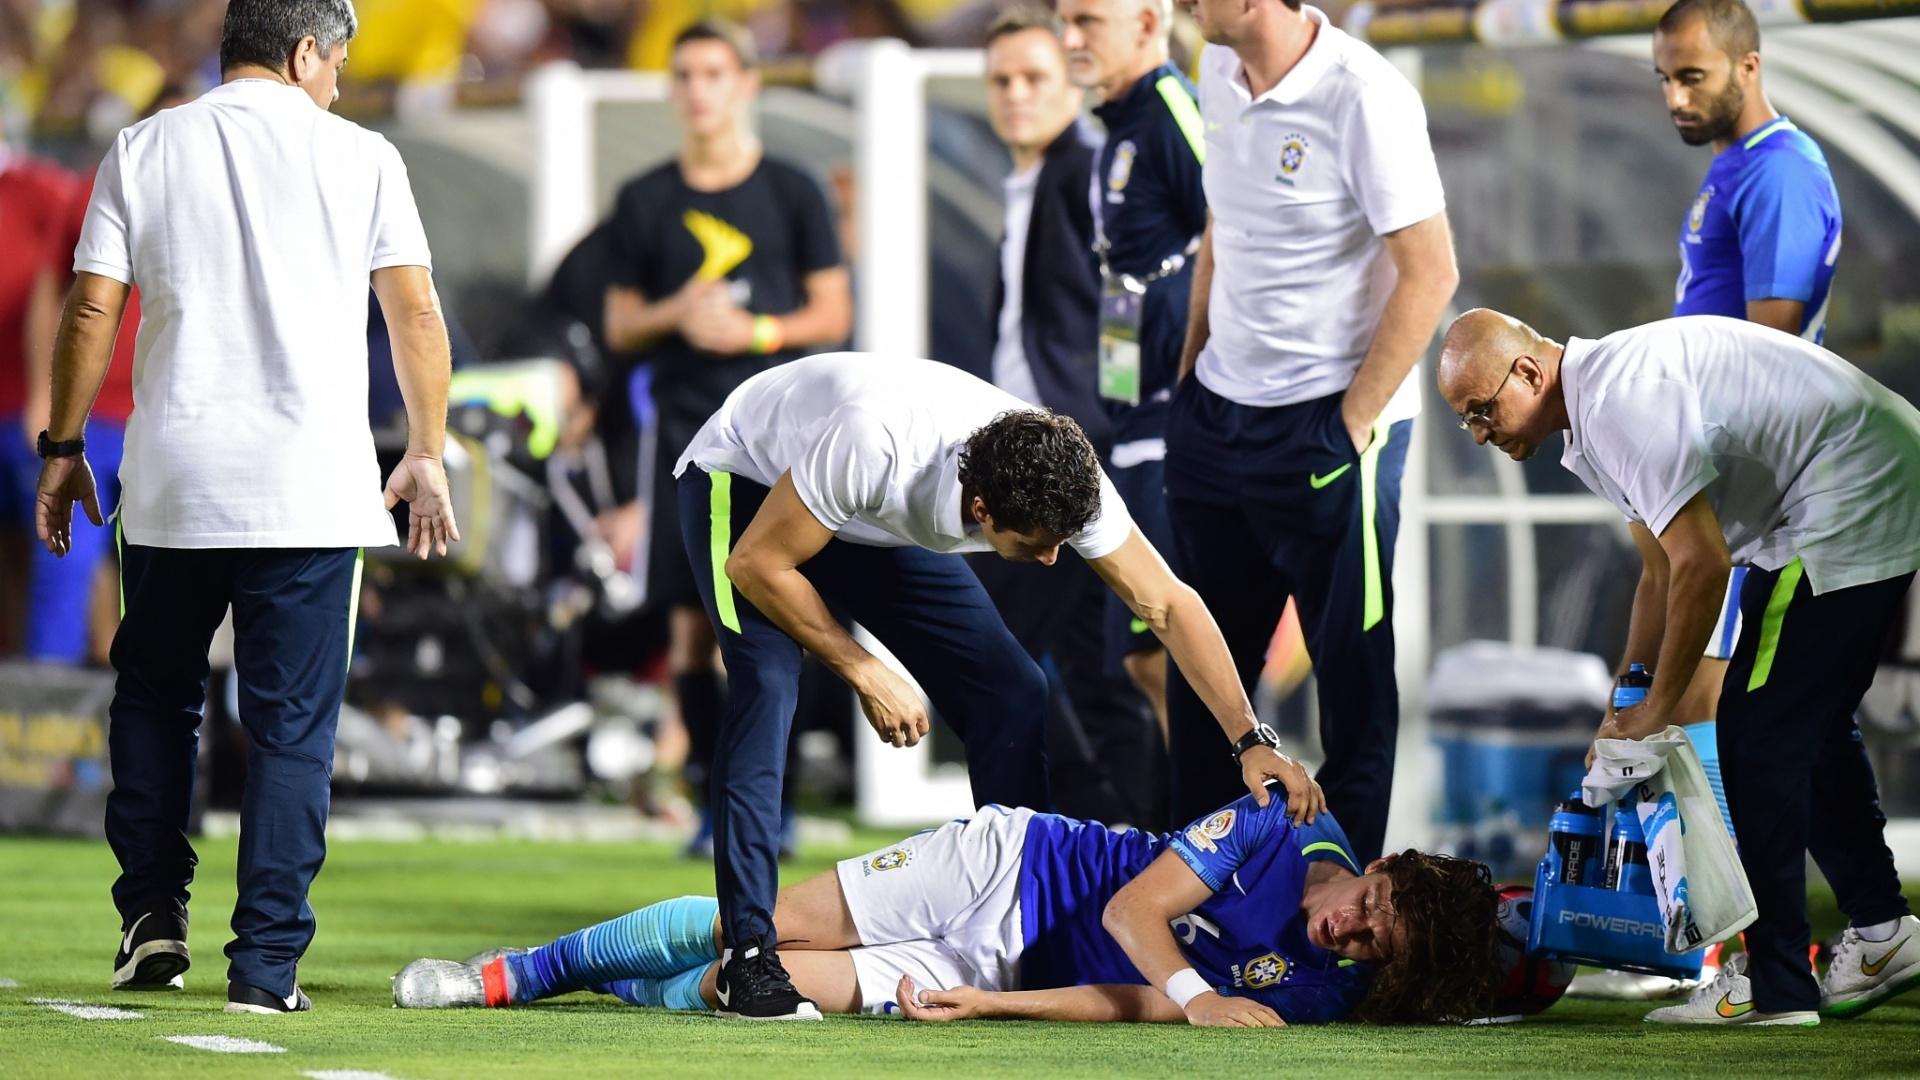 Filipe Luis recebe atendimento médico após levar pancada na cabeça no jogo do Brasil contra o Equador, pela Copa América